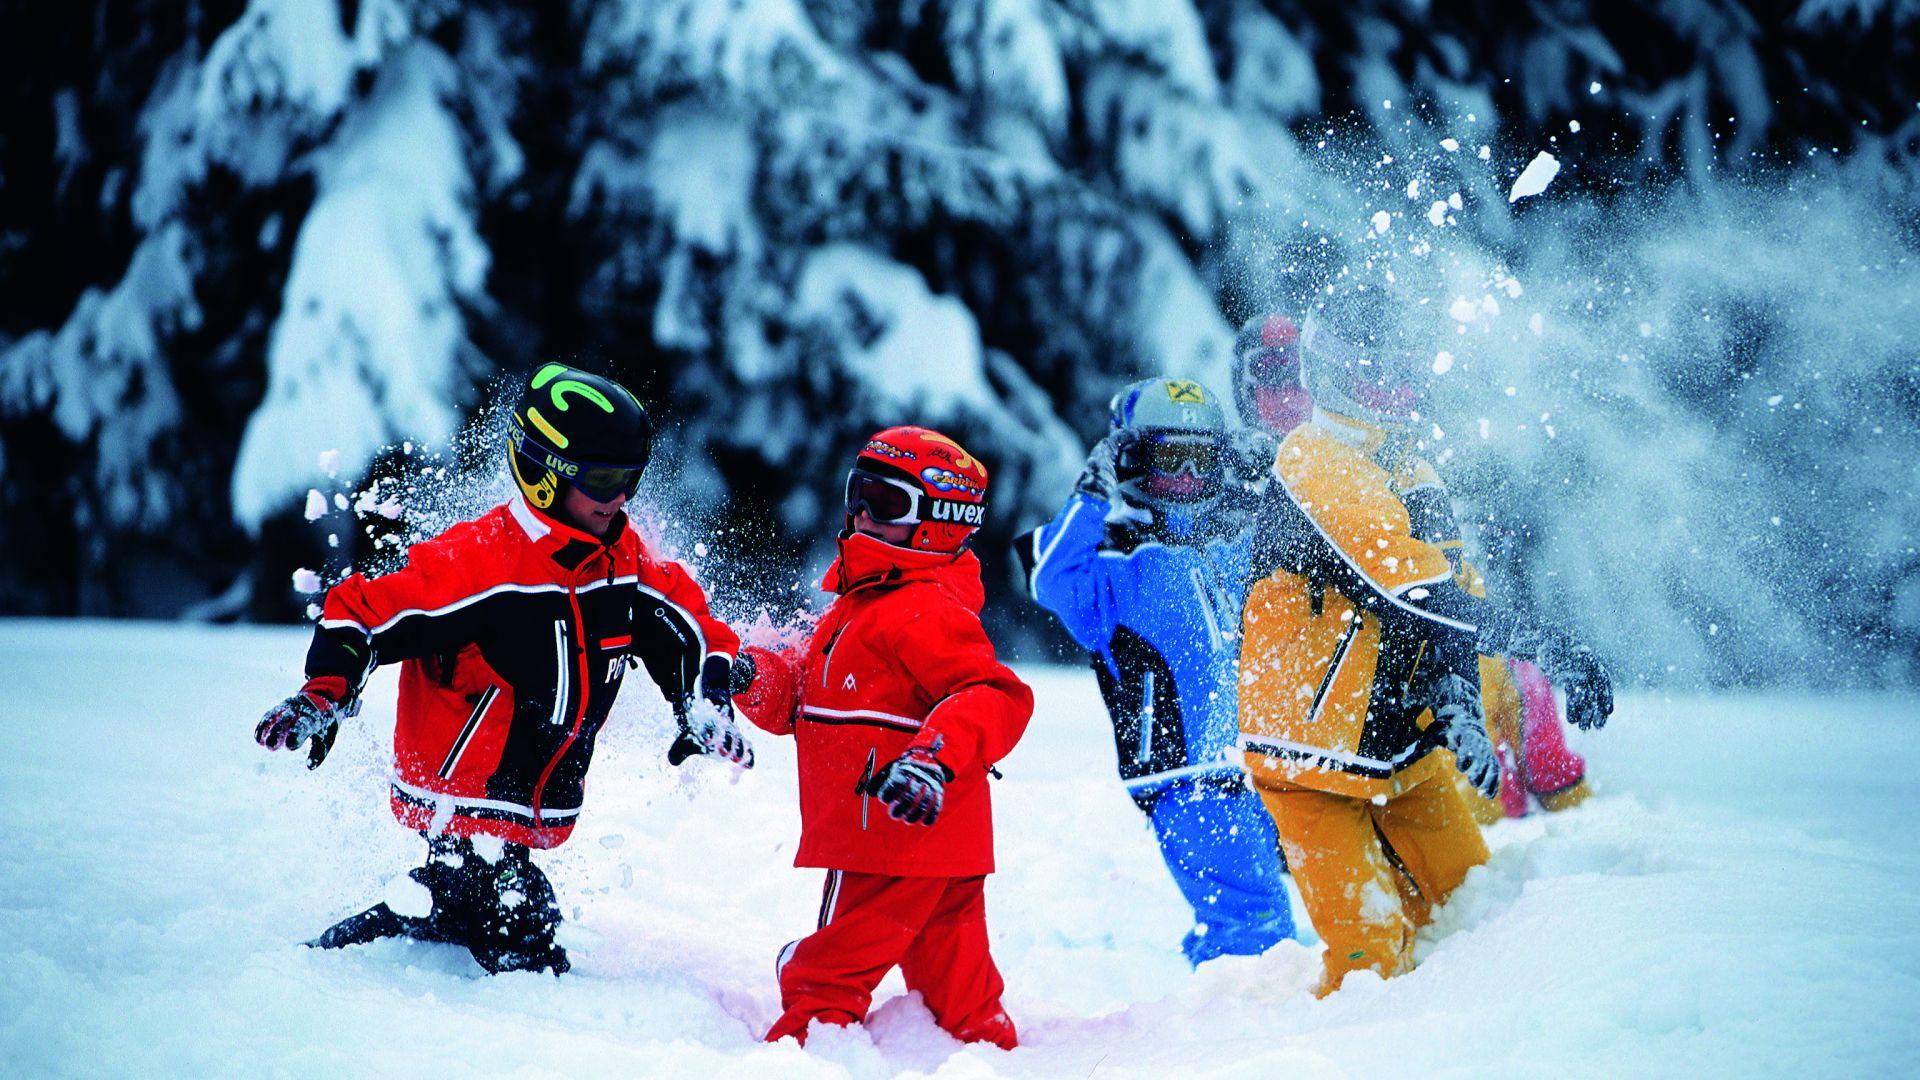 Bormio Familie Family Gruppenreisen Reisen Ski Snowboard Skikurse Kinderbetreuung Winter